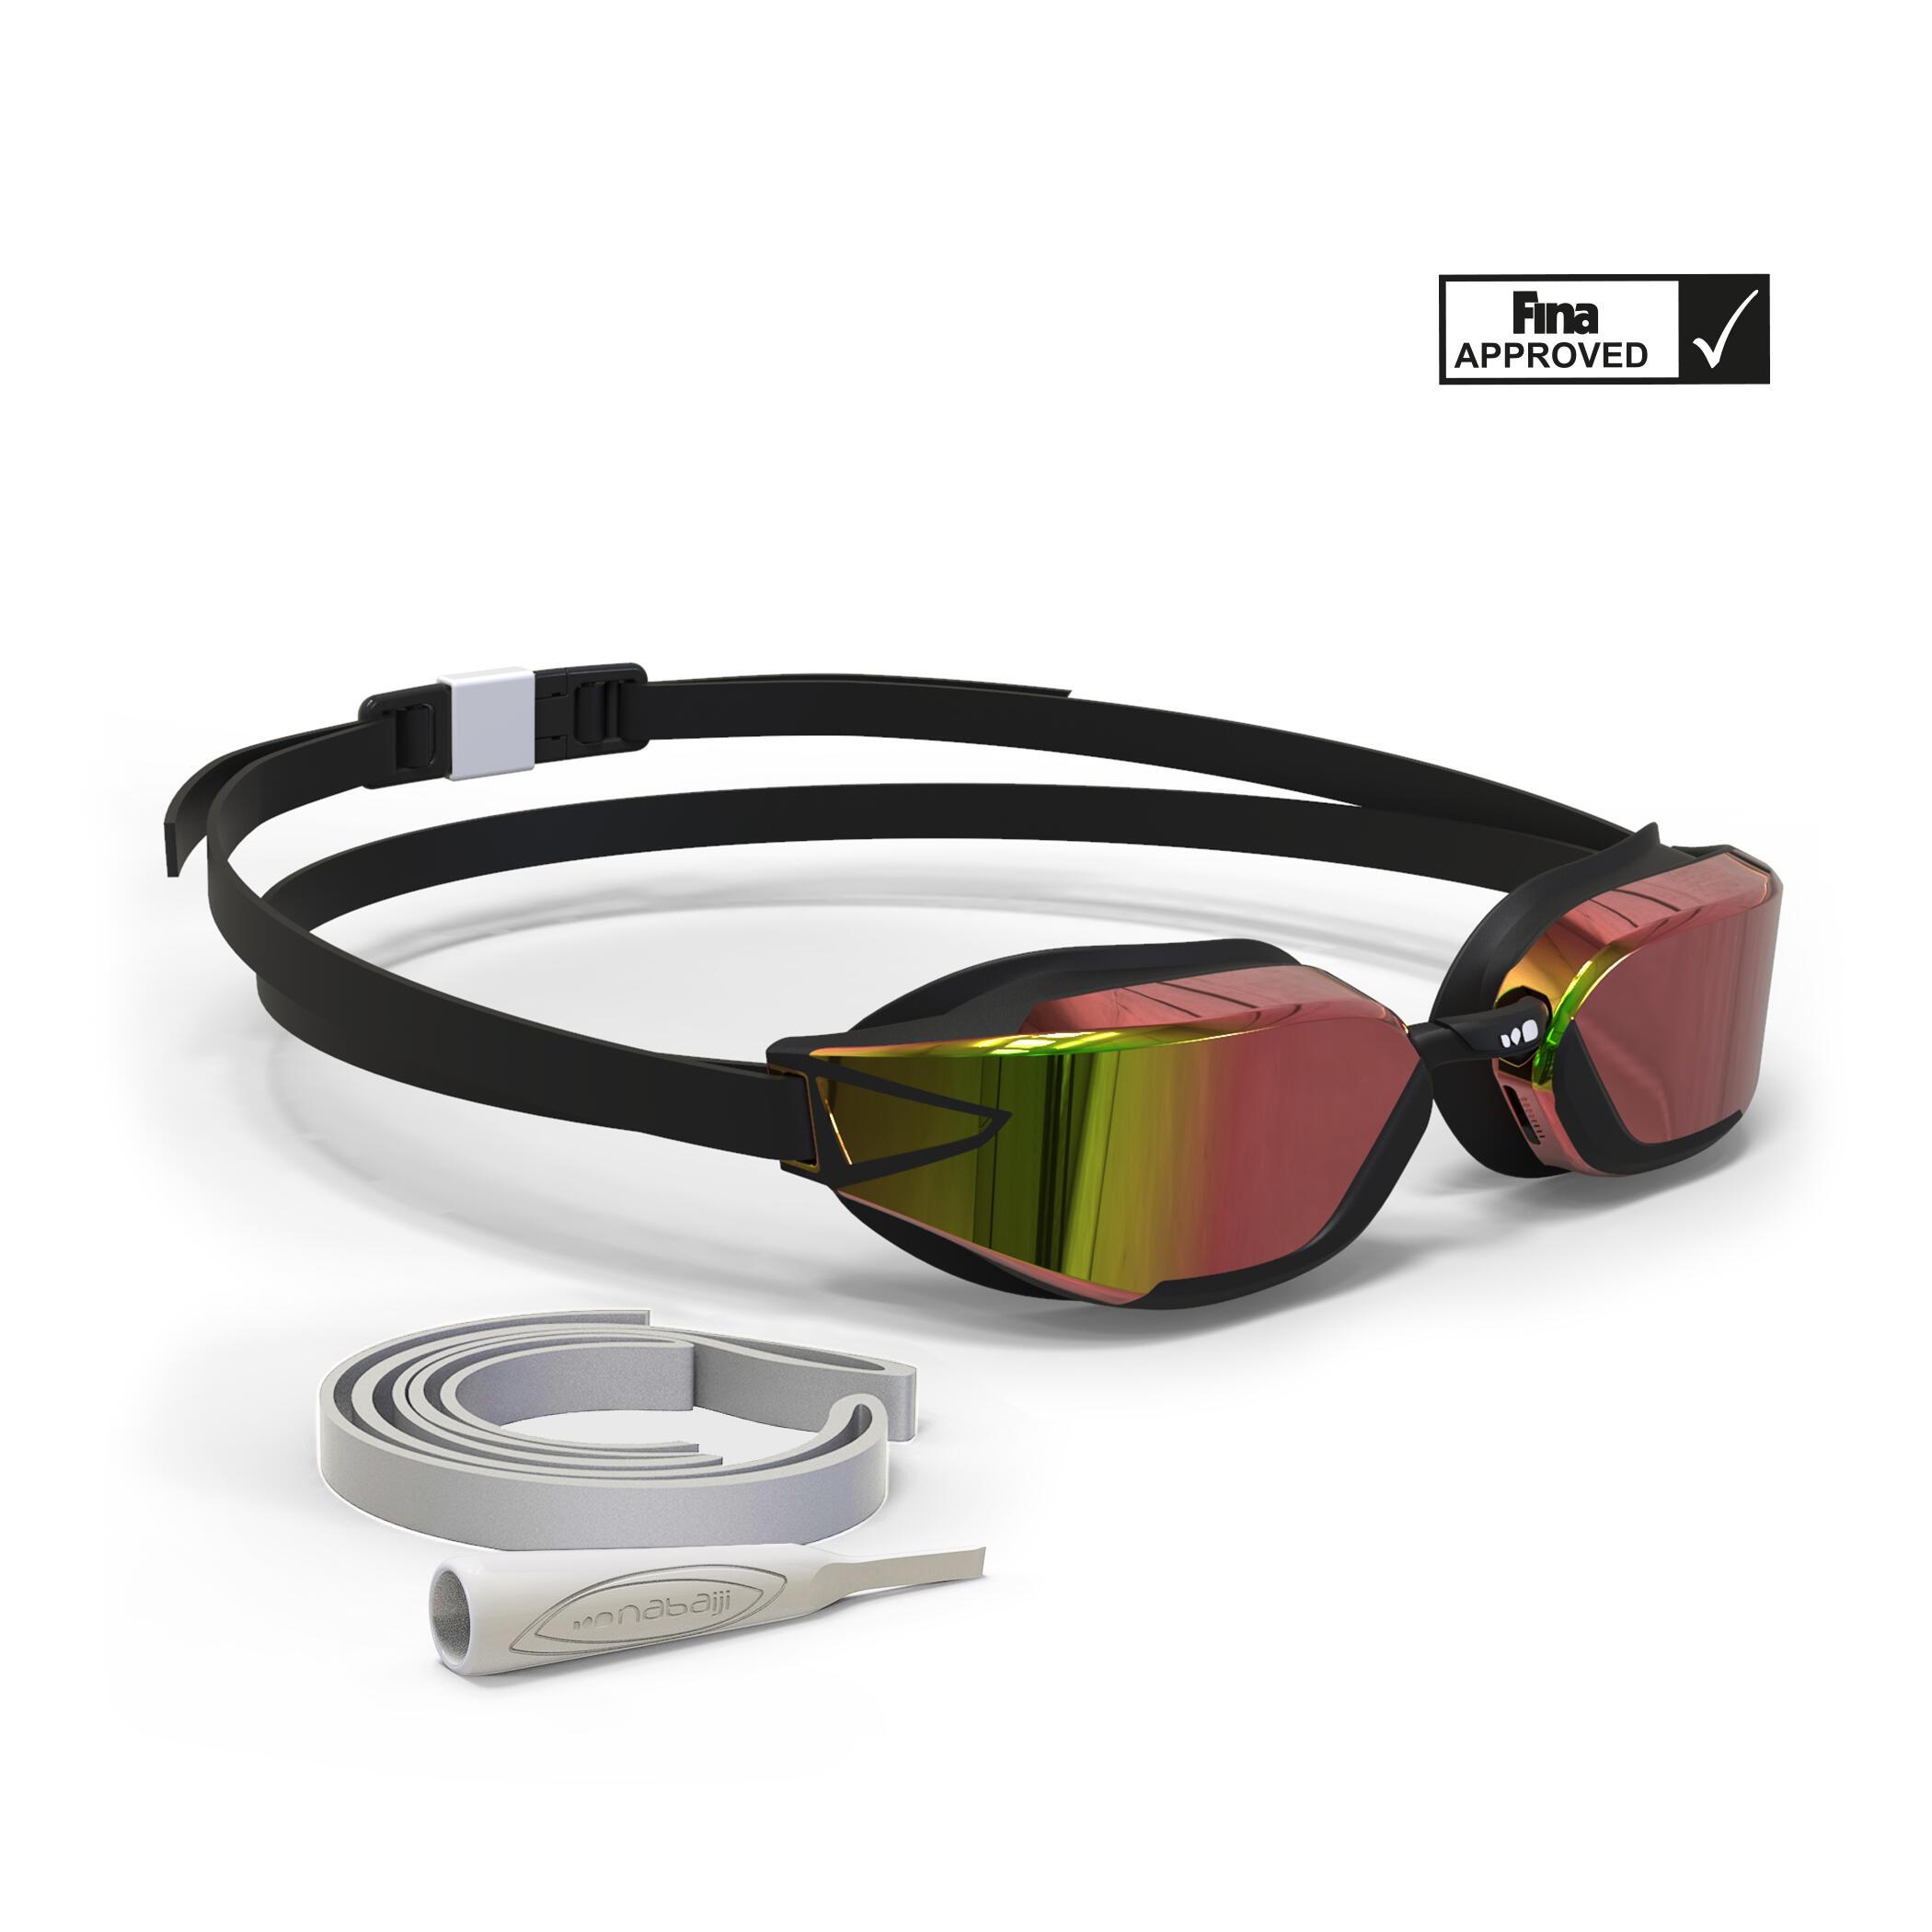 fceb5cd14265 Comprar Gafas de Natación Online | Decathlon